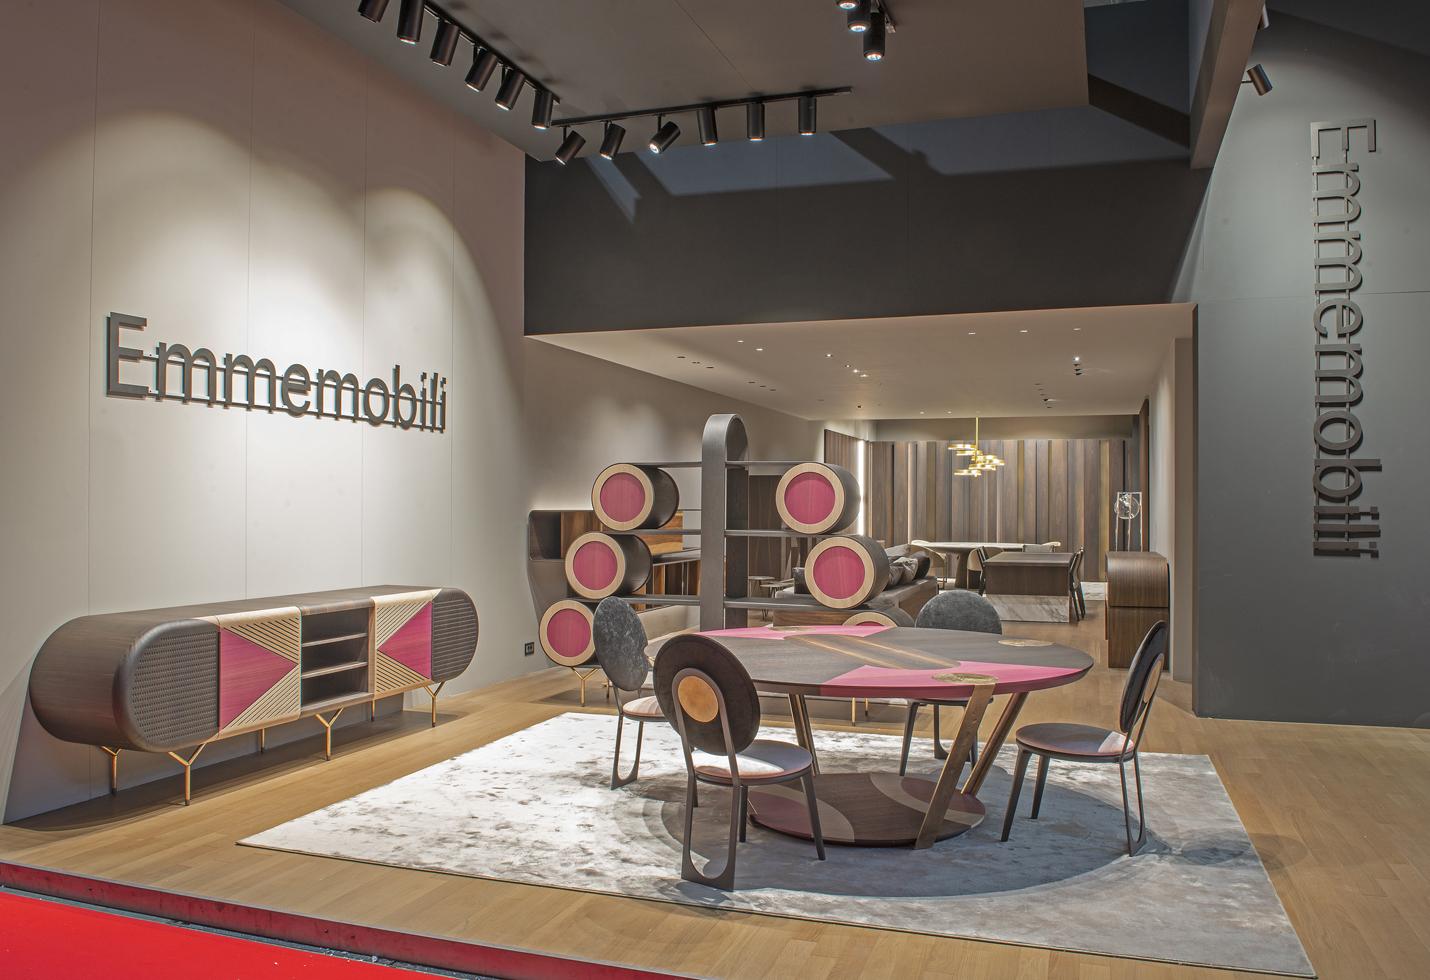 News_2019 Salone del mobile gallery 01